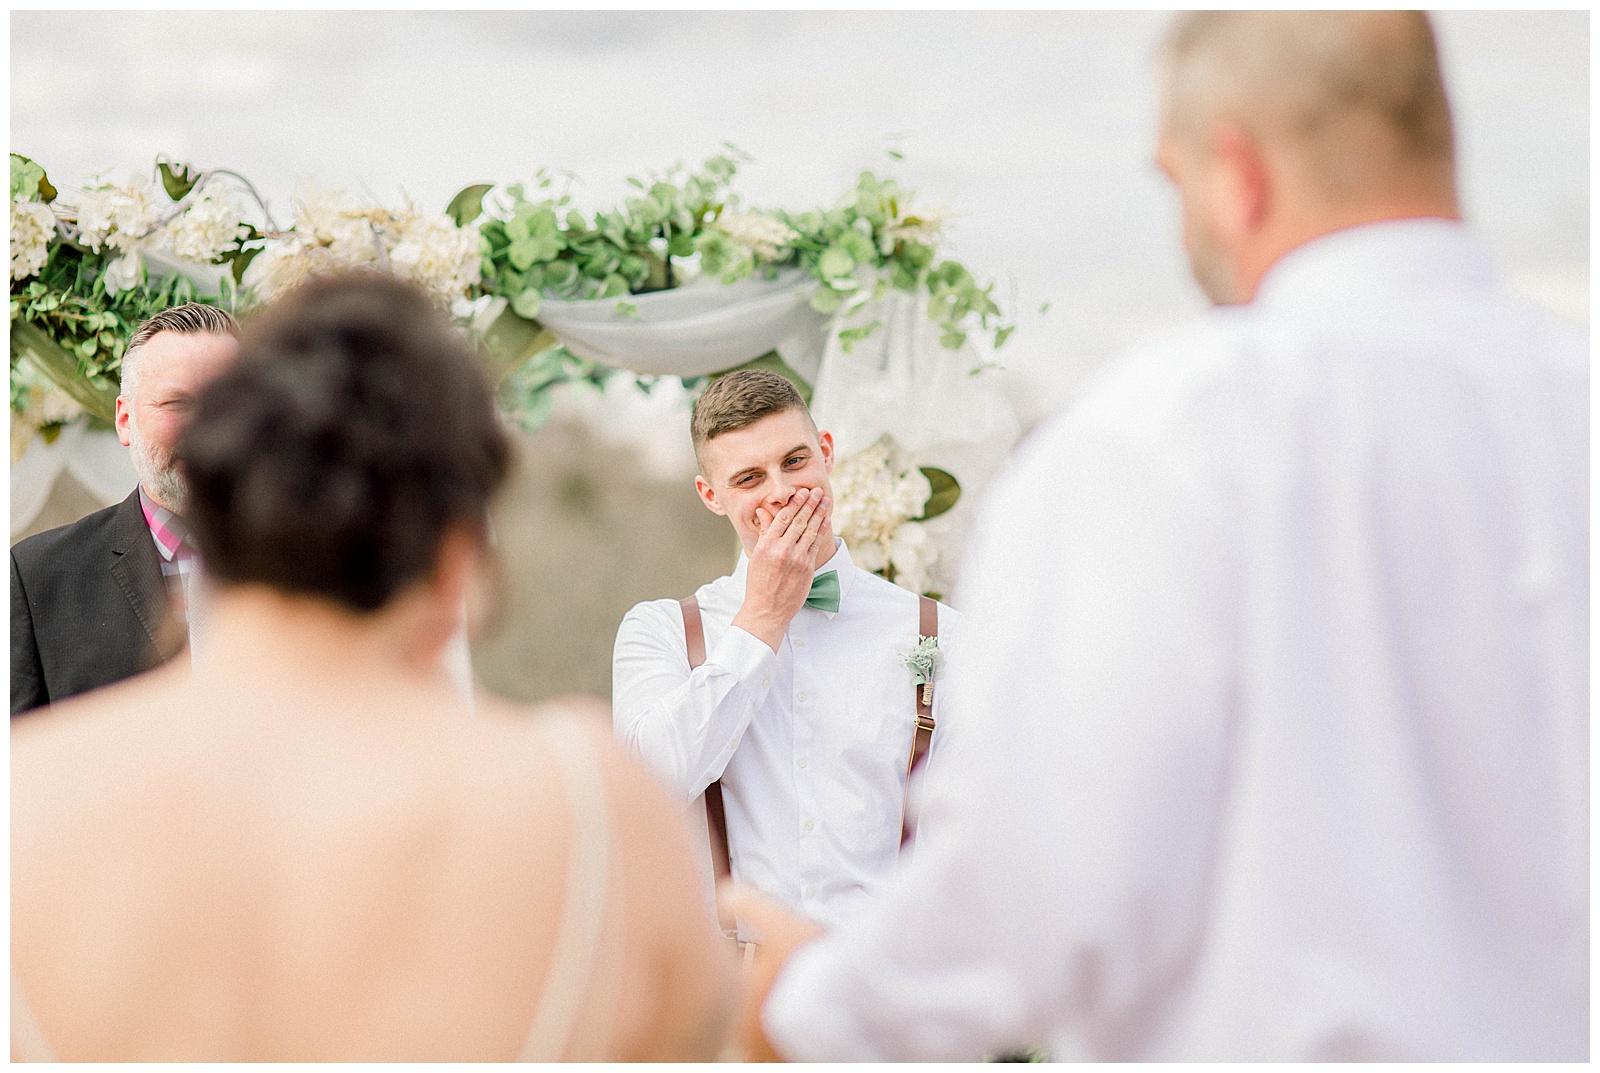 Lewis-Kara-Blakeman-Photography-Huntington-West-Virginia-Wedding-Barn-Olde-Homestead-25